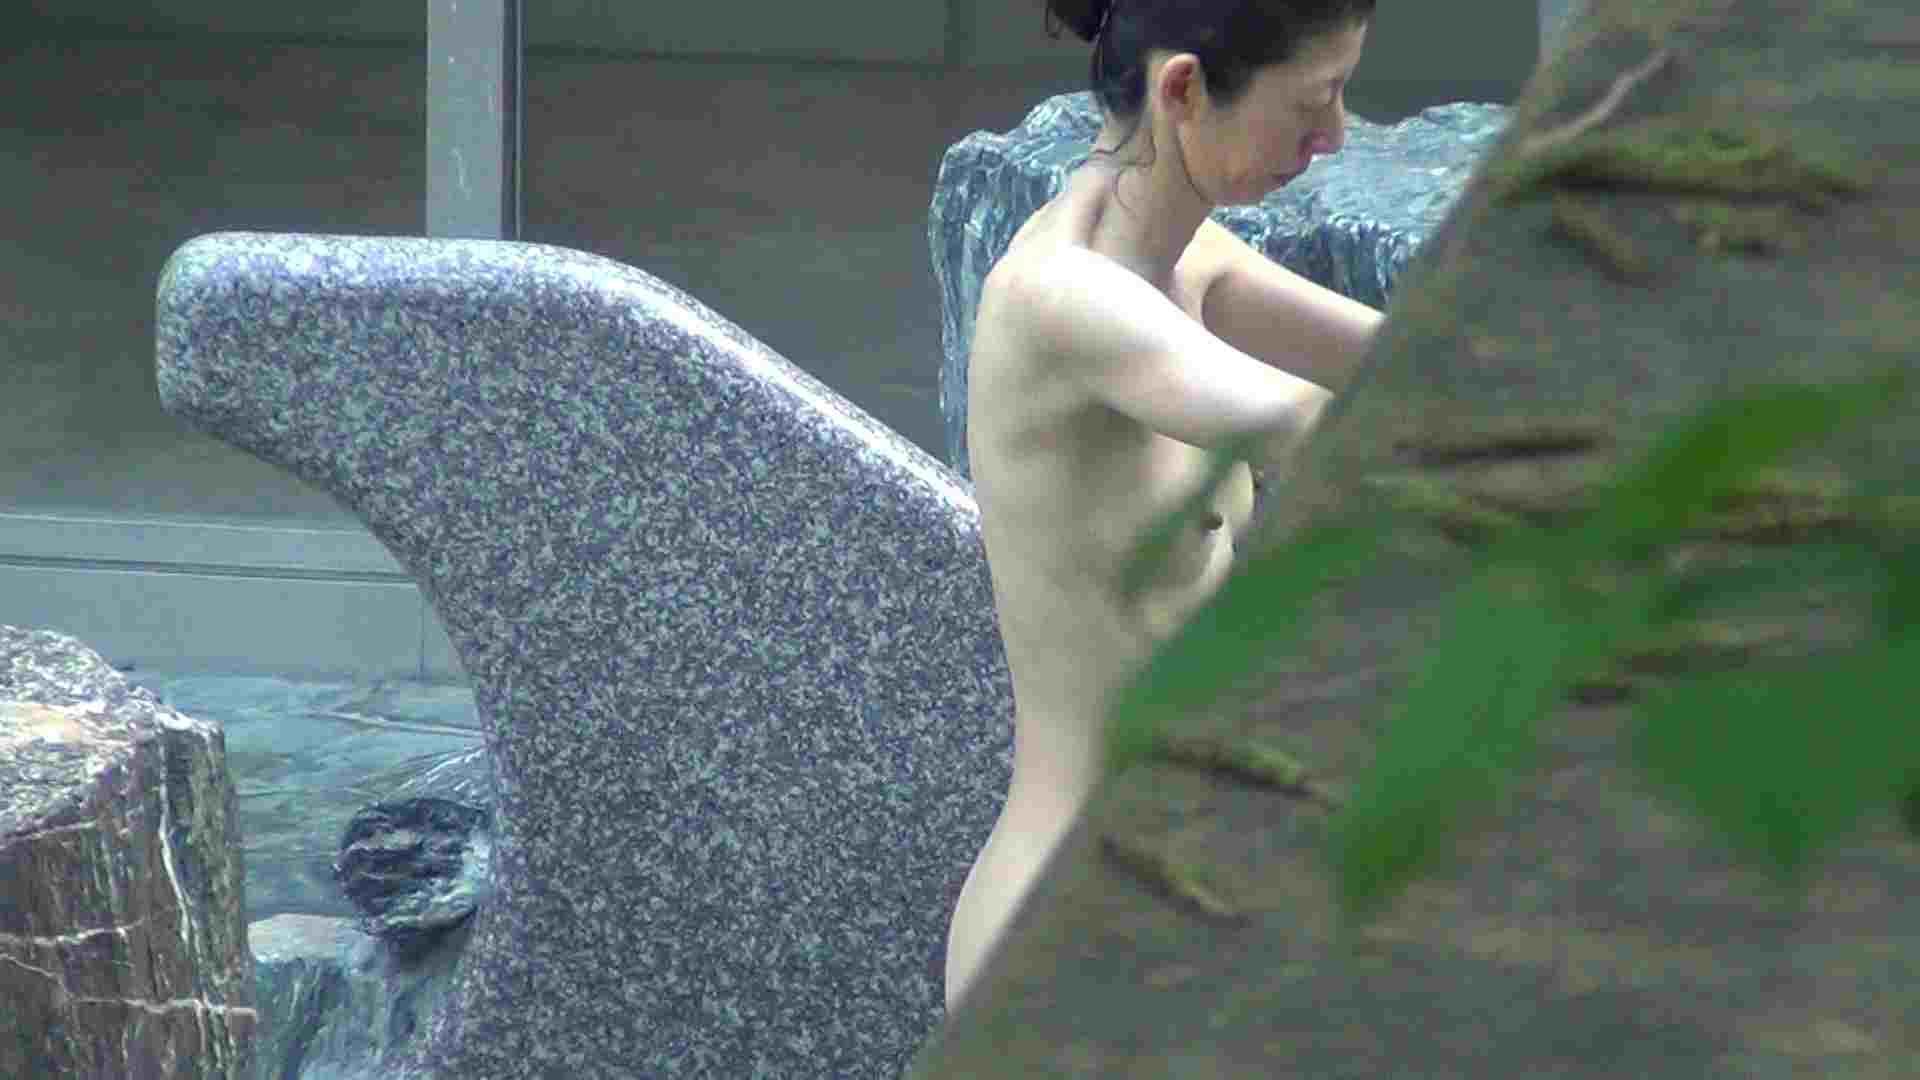 ハイビジョンVol.9 美女盛り合わせ No.3 OLの実態 隠し撮りおまんこ動画流出 31pic 8